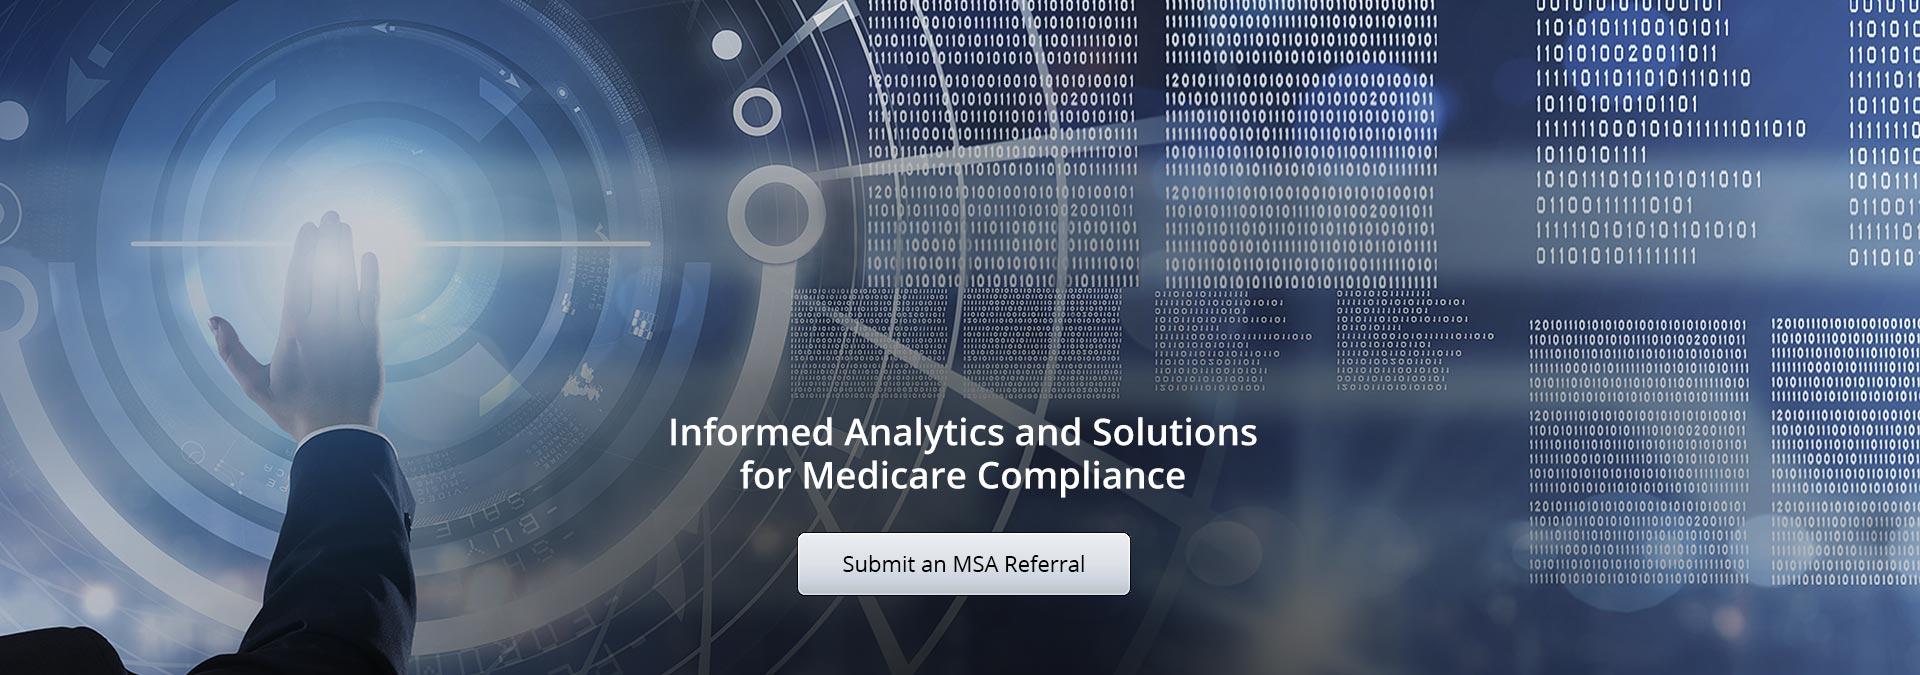 Medicare Compliance